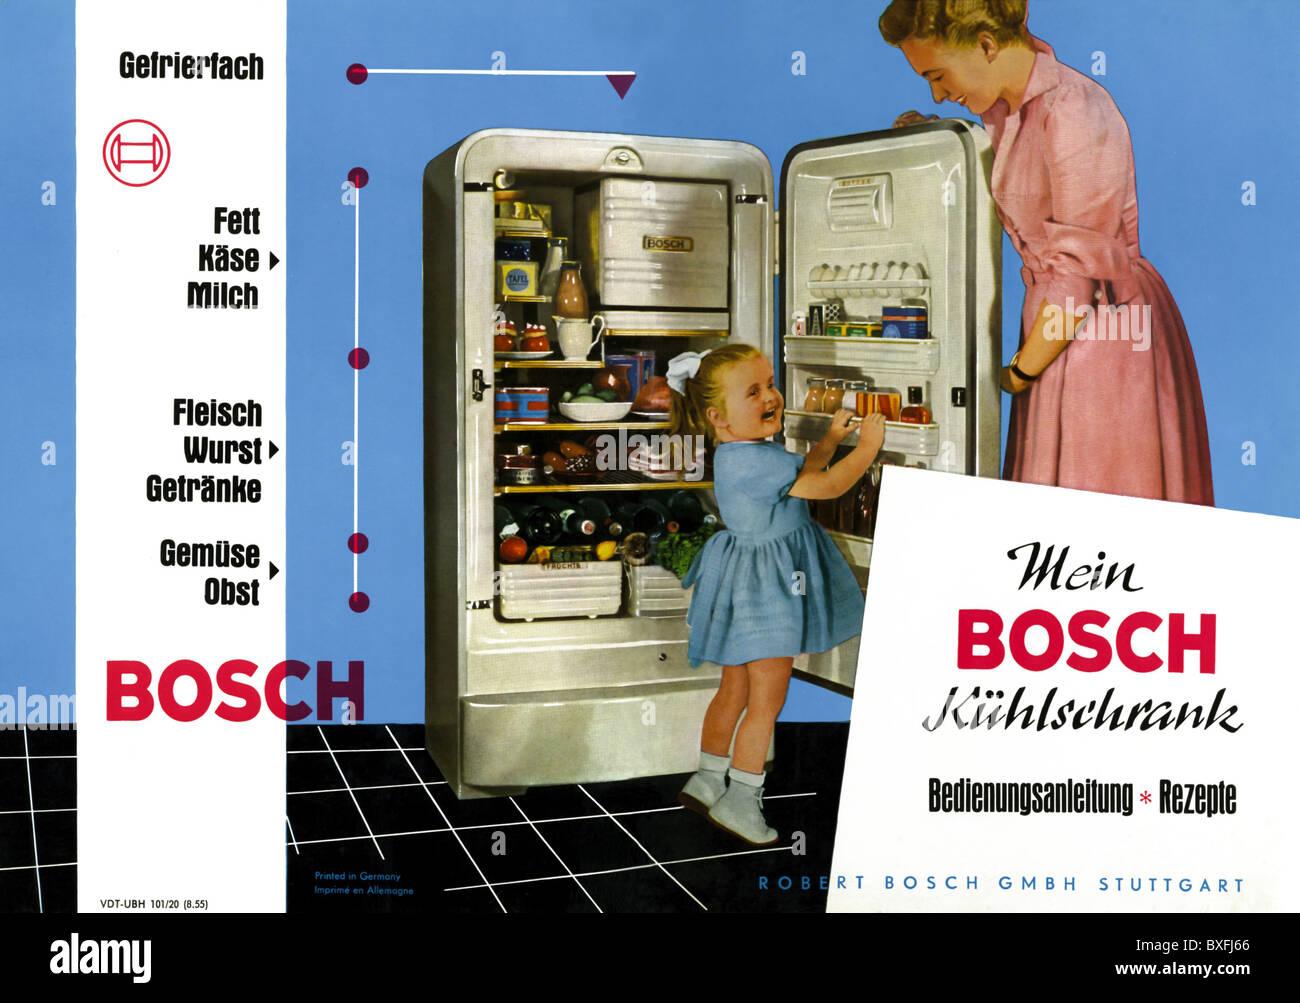 Bosch Kühlschrank 50er Jahre : Werbung haushaltsgeräte haushaltswaren küchengeräte bosch